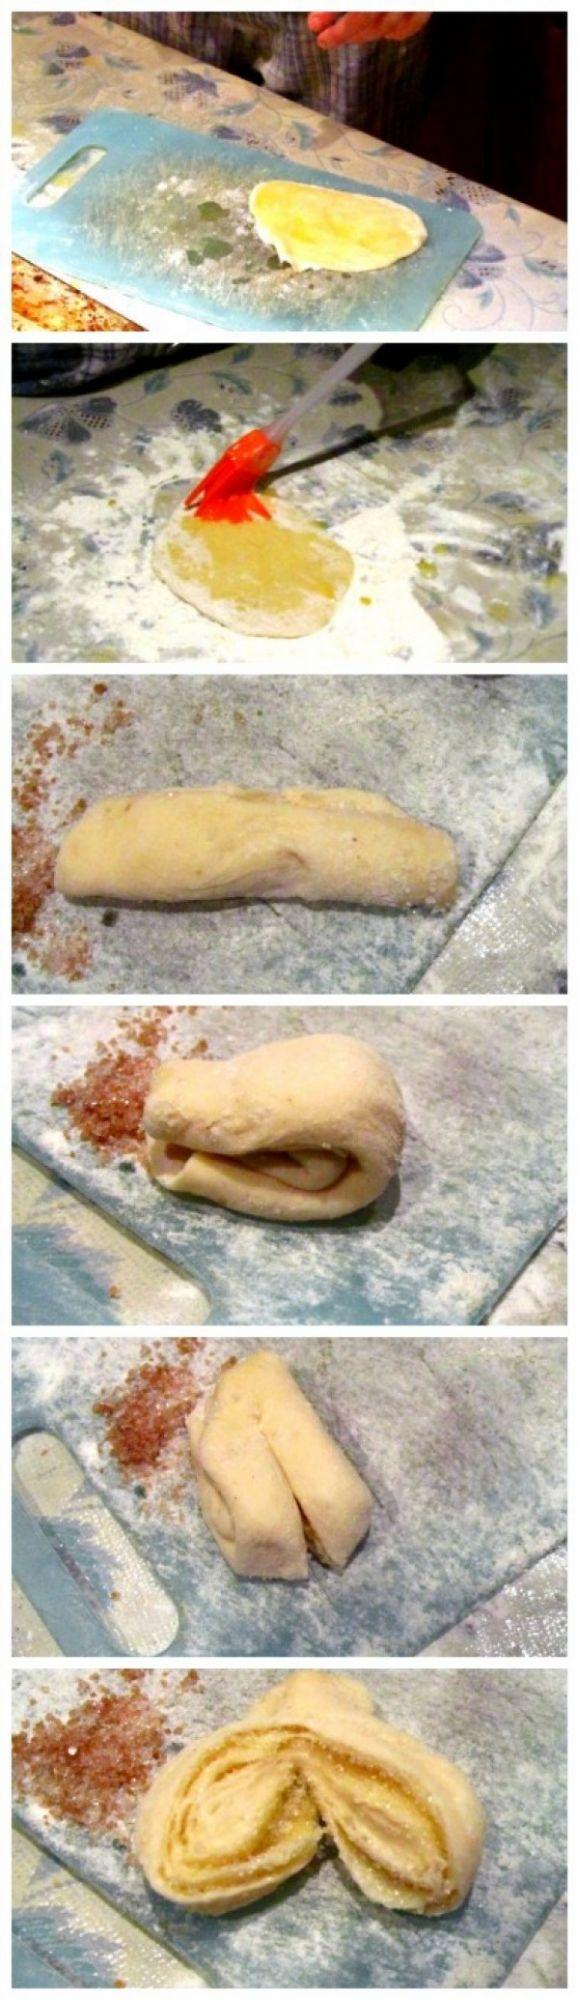 Рецепт дрожжевых булочек пошагово